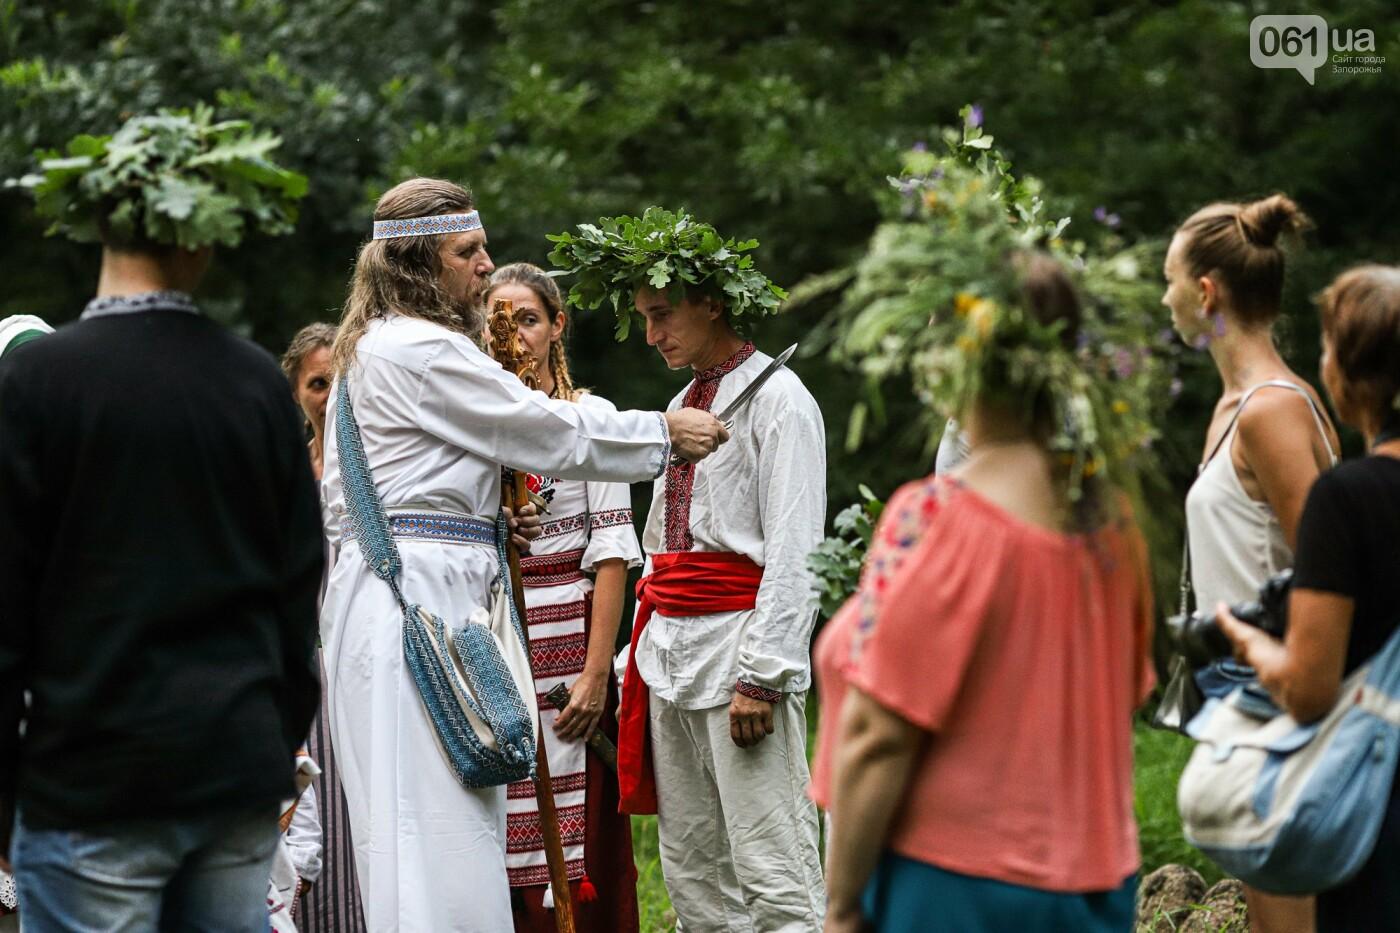 Огонь и дубовые венки: как на Хортице отметили праздник Перуна, - ФОТОРЕПОРТАЖ, фото-39